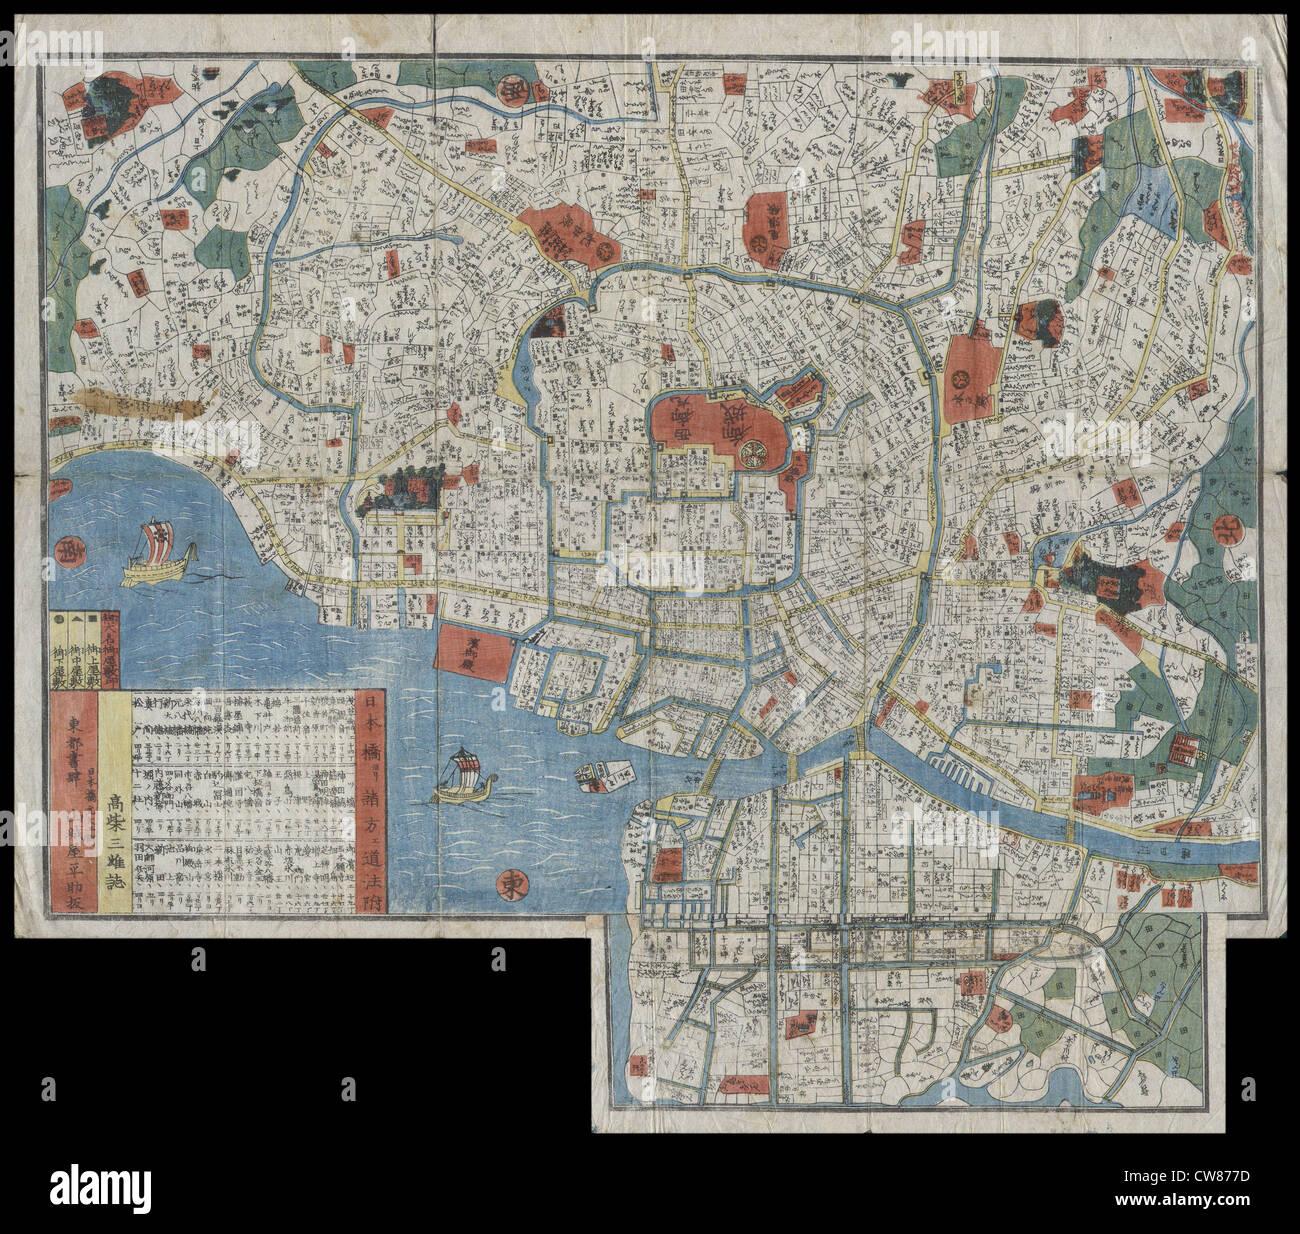 1850 Periodo Edo xilografia Mappa di Edo o a Tokyo, Giappone Immagini Stock